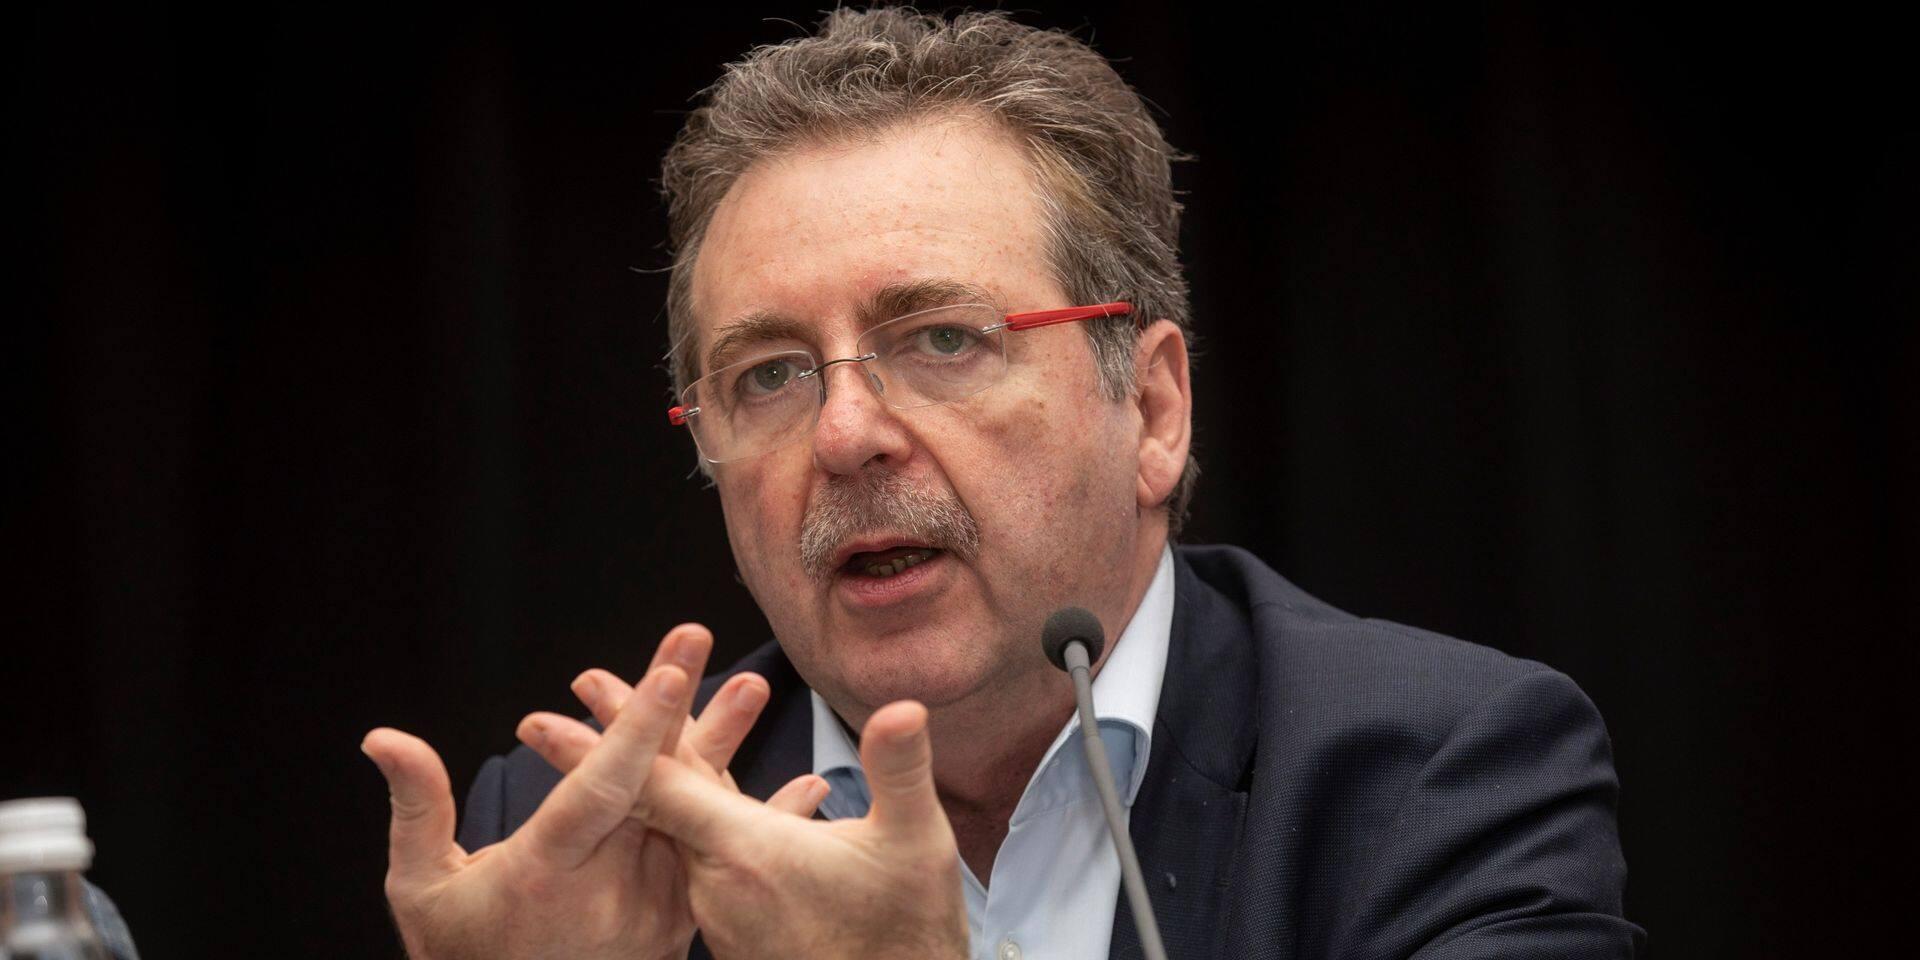 Le moratoire sur les expulsions de logements à Bruxelles est prolongé jusqu'au 31 mars